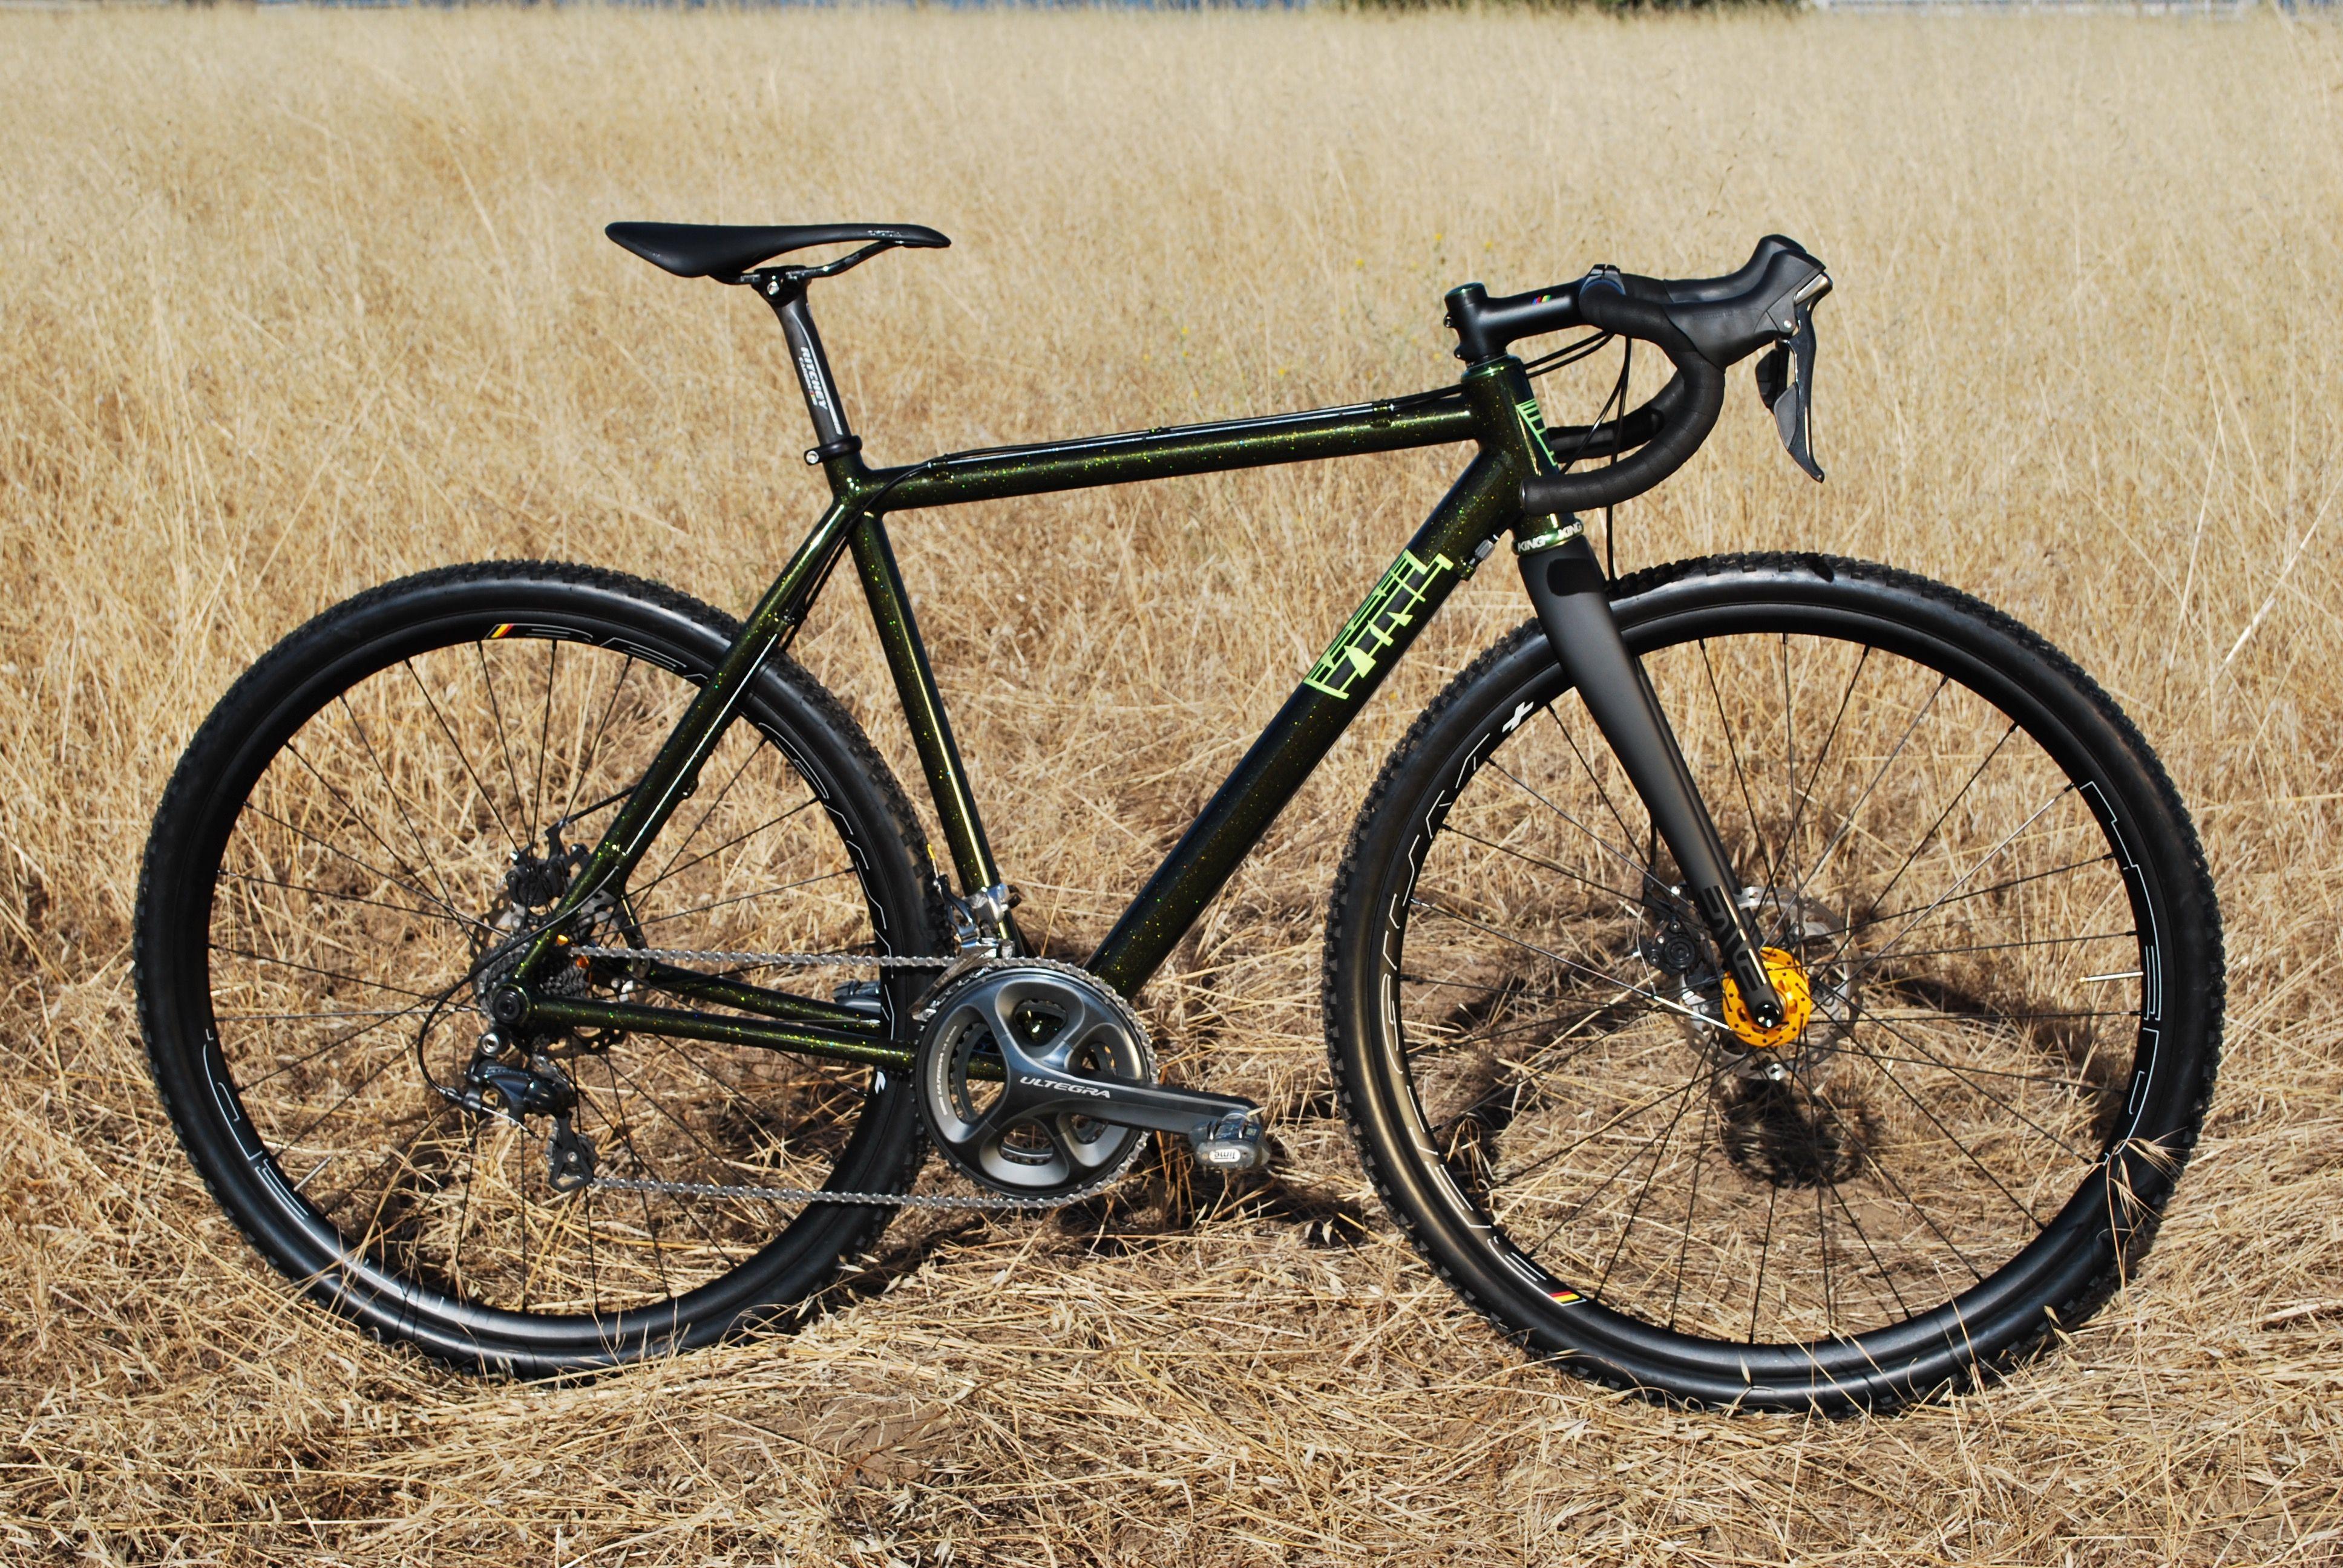 Vynl Bikes Launch A Cross Frameset Cyclocross Bike Cyclocross